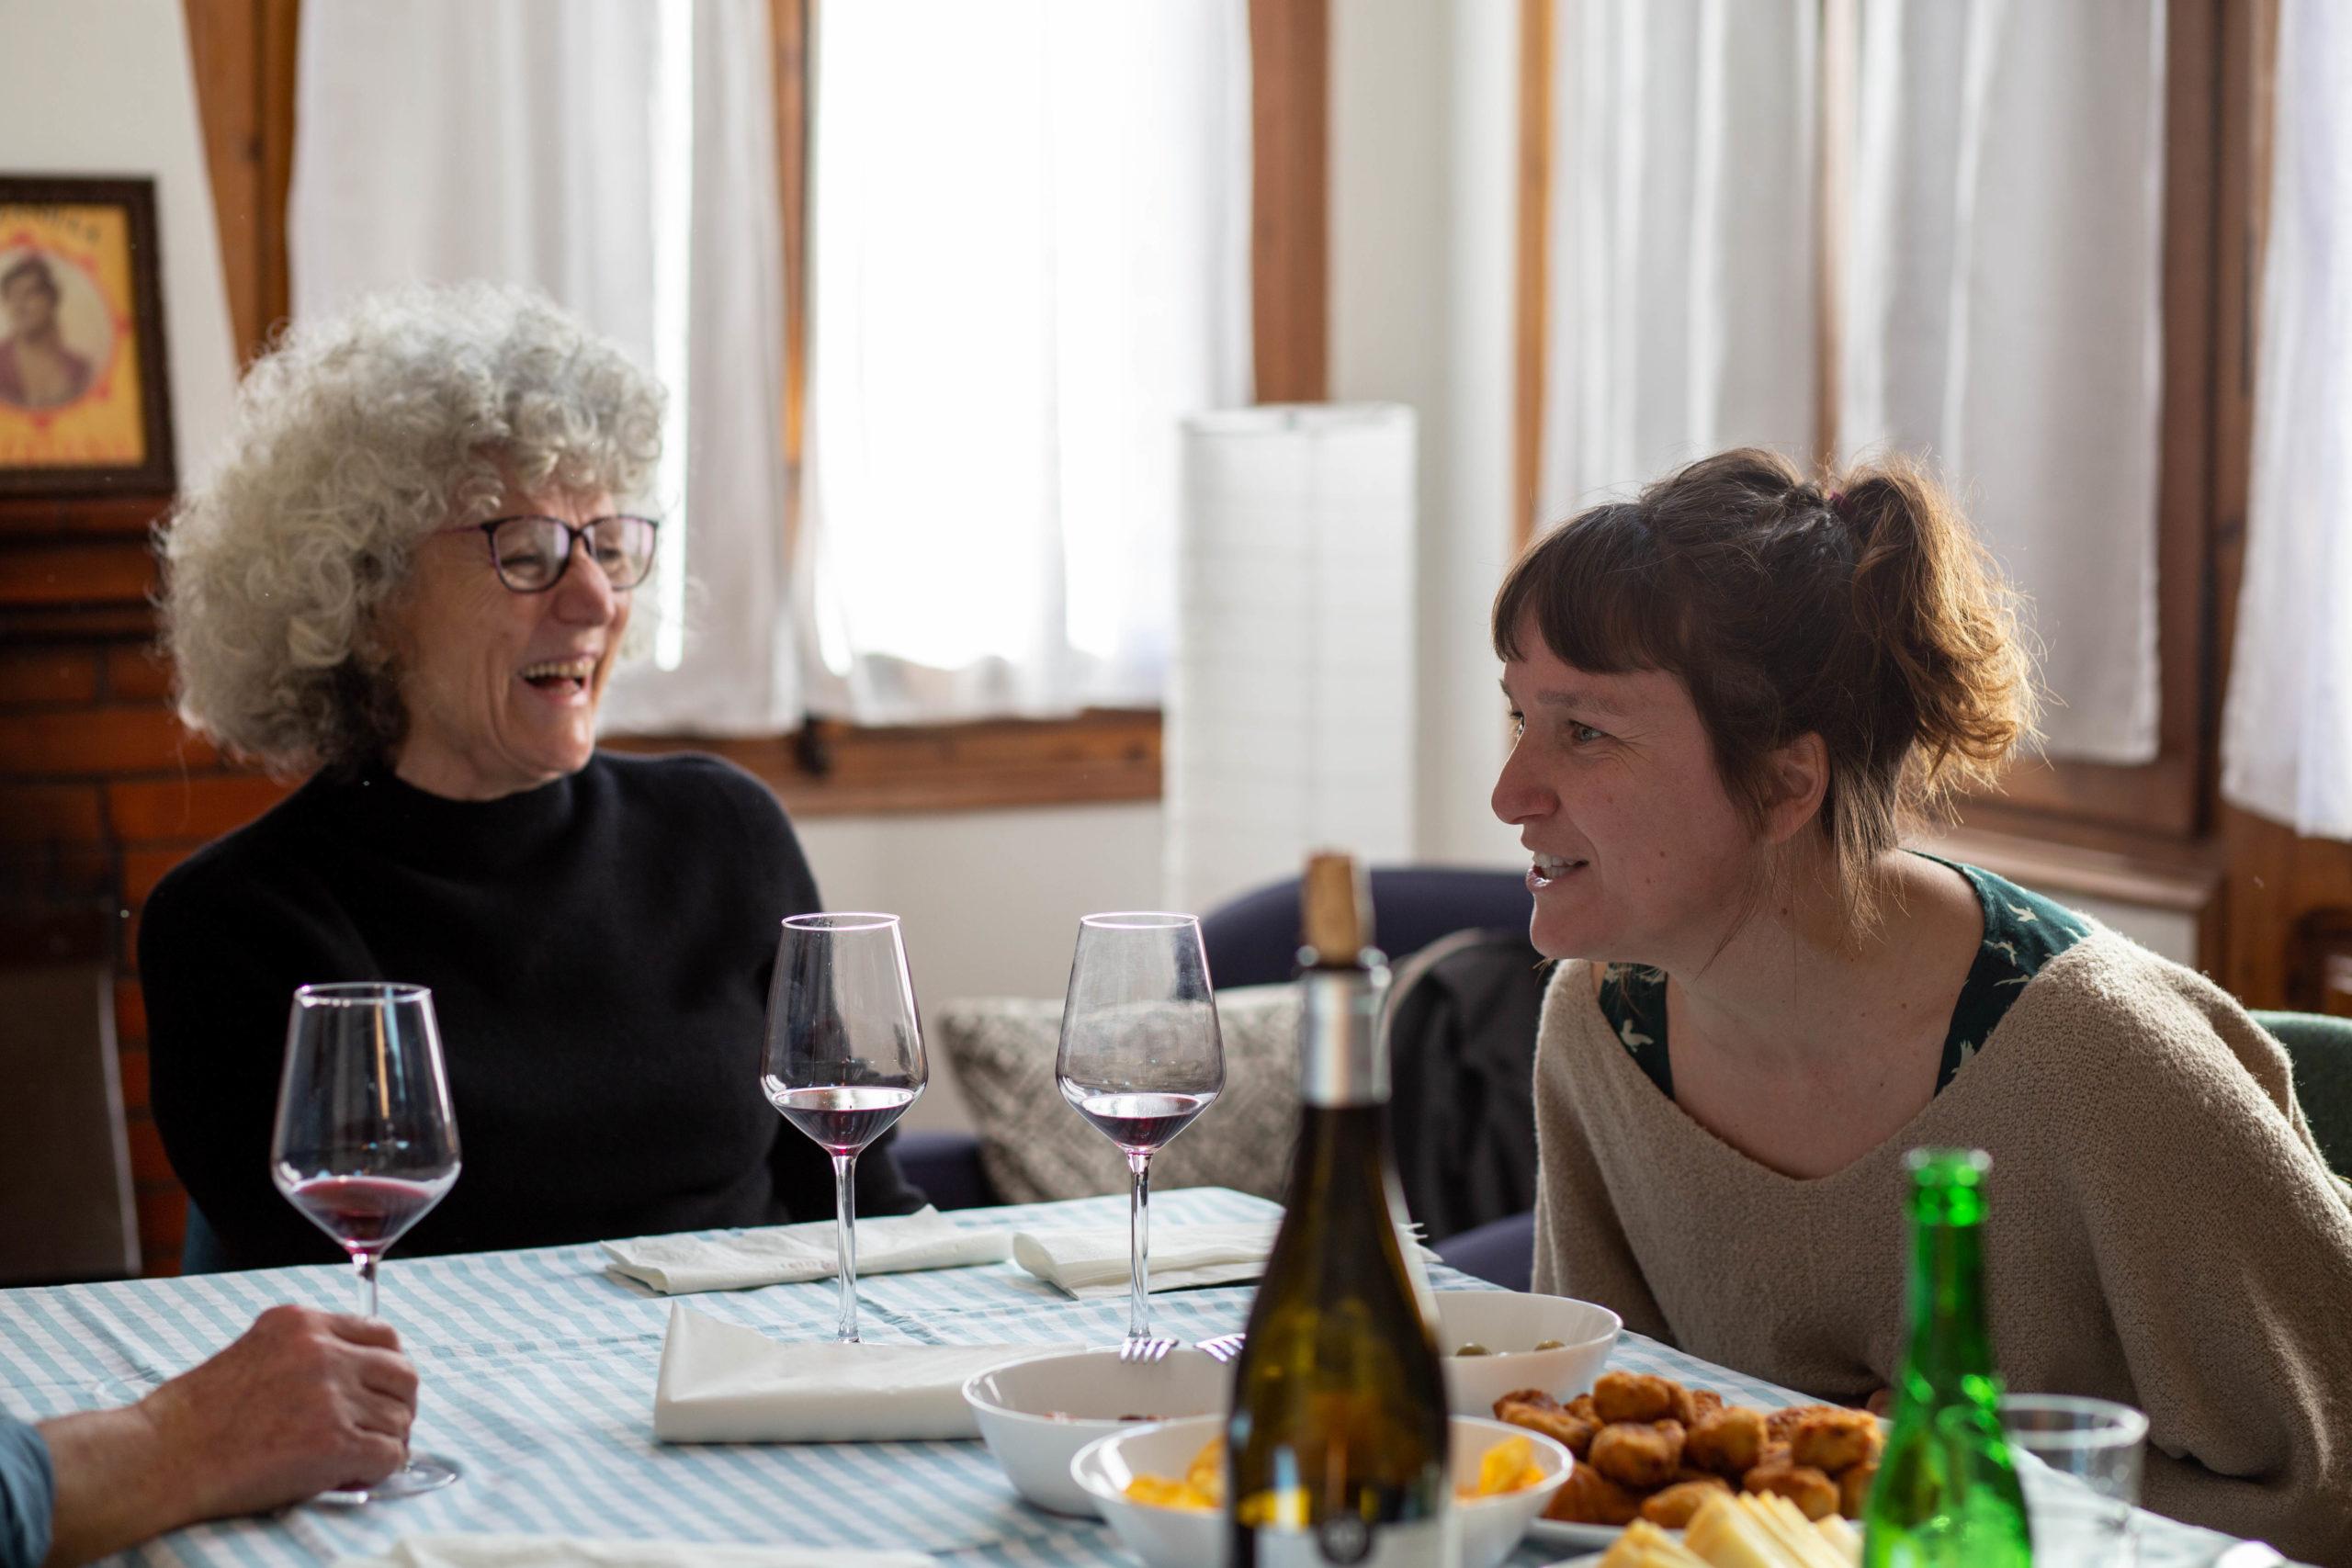 Dues dones rient en un dinar en un menjador de casa